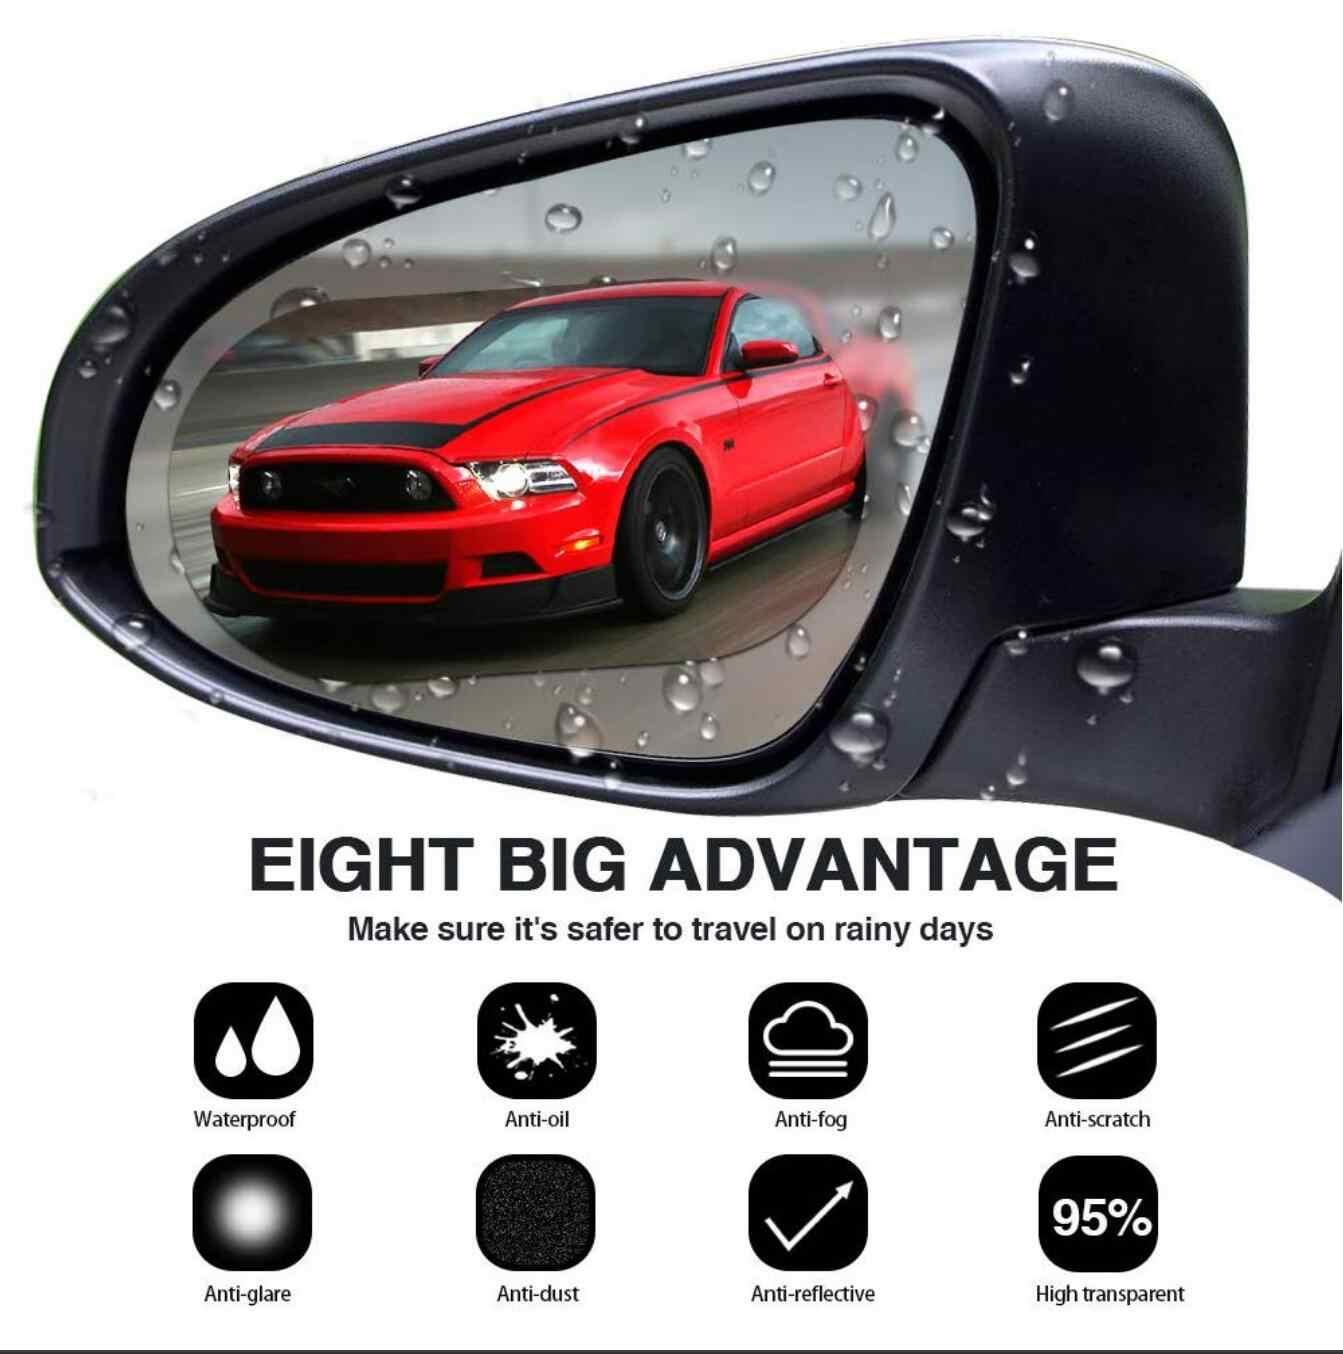 Mobil Kaca Film Cermin Anti Kabut Jendela Yg Tahan Hujan Belakang Cermin untuk BMW E46 E39 E60 E36 E90 F30 F10 x5 E53 E70 E30 E34